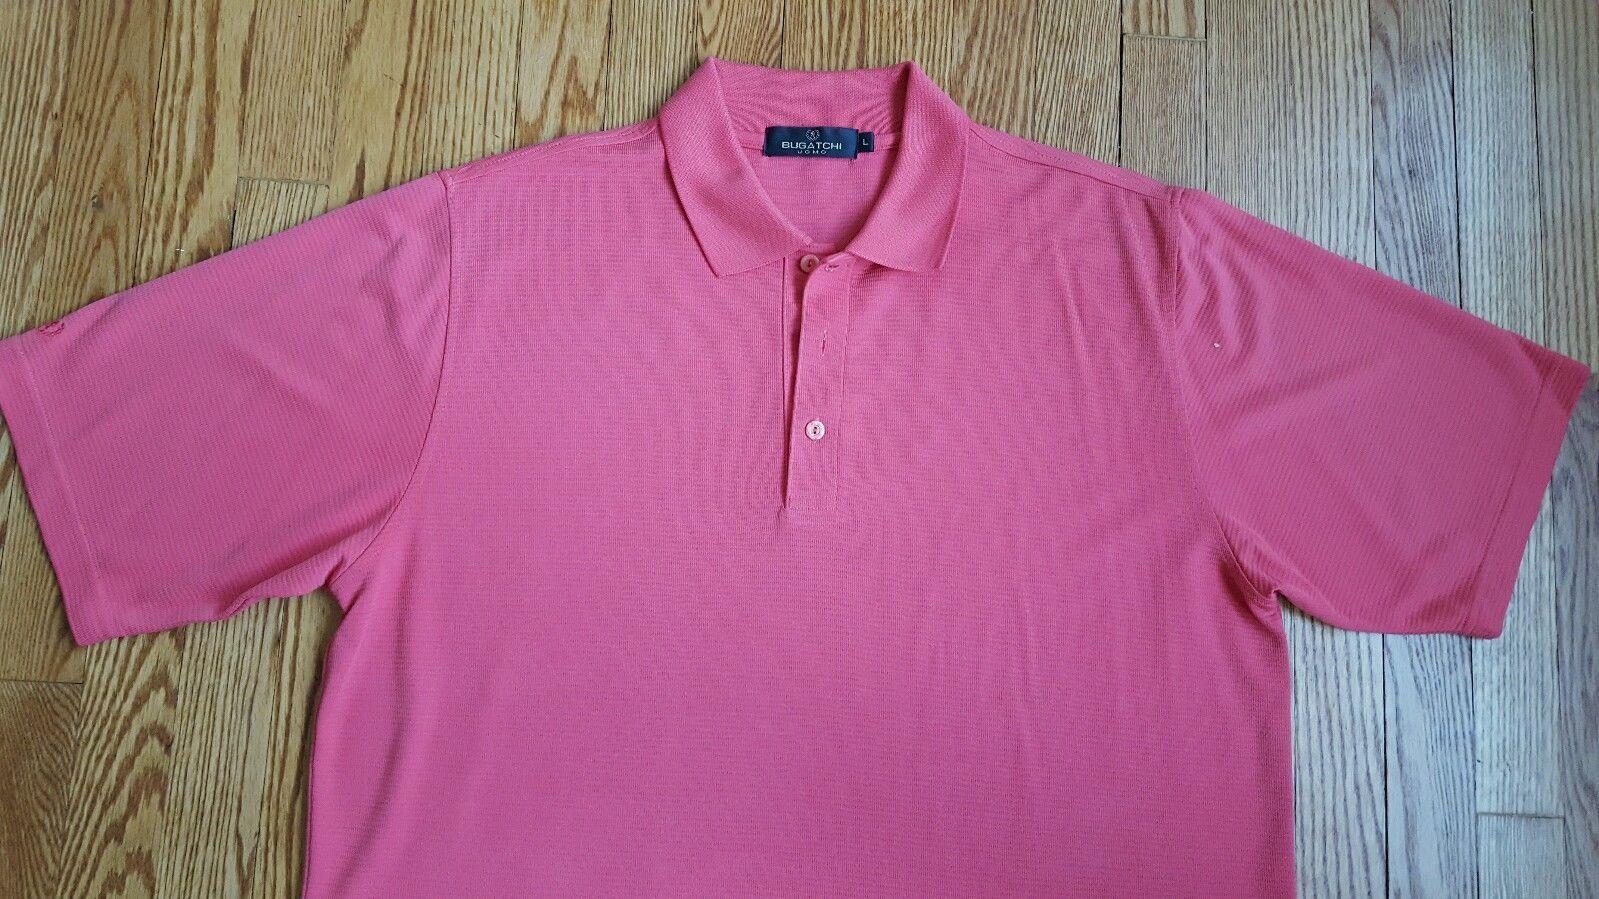 BUGATCHI UOMO Men's Golf Rugby Polo Shirt Short Sleeve Size Large